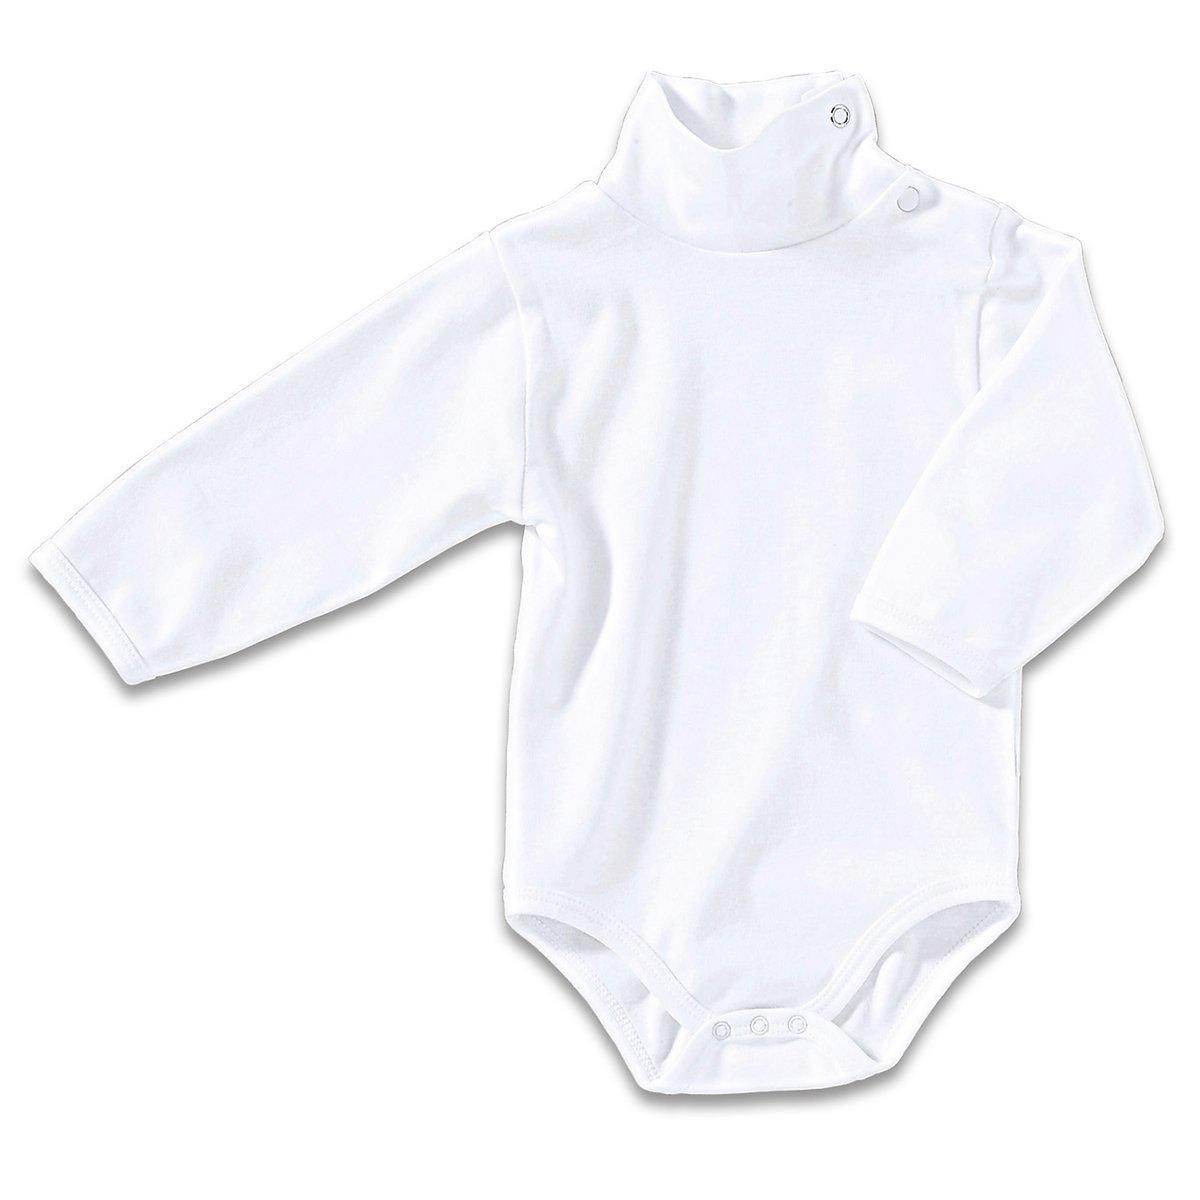 Bornino Basics Body langarm mit Rollkragen/Babybekleidung - mit Druckknöpfen, Öko-Tex zertifiziert - Erstausstattung für Jungen/Mädchen